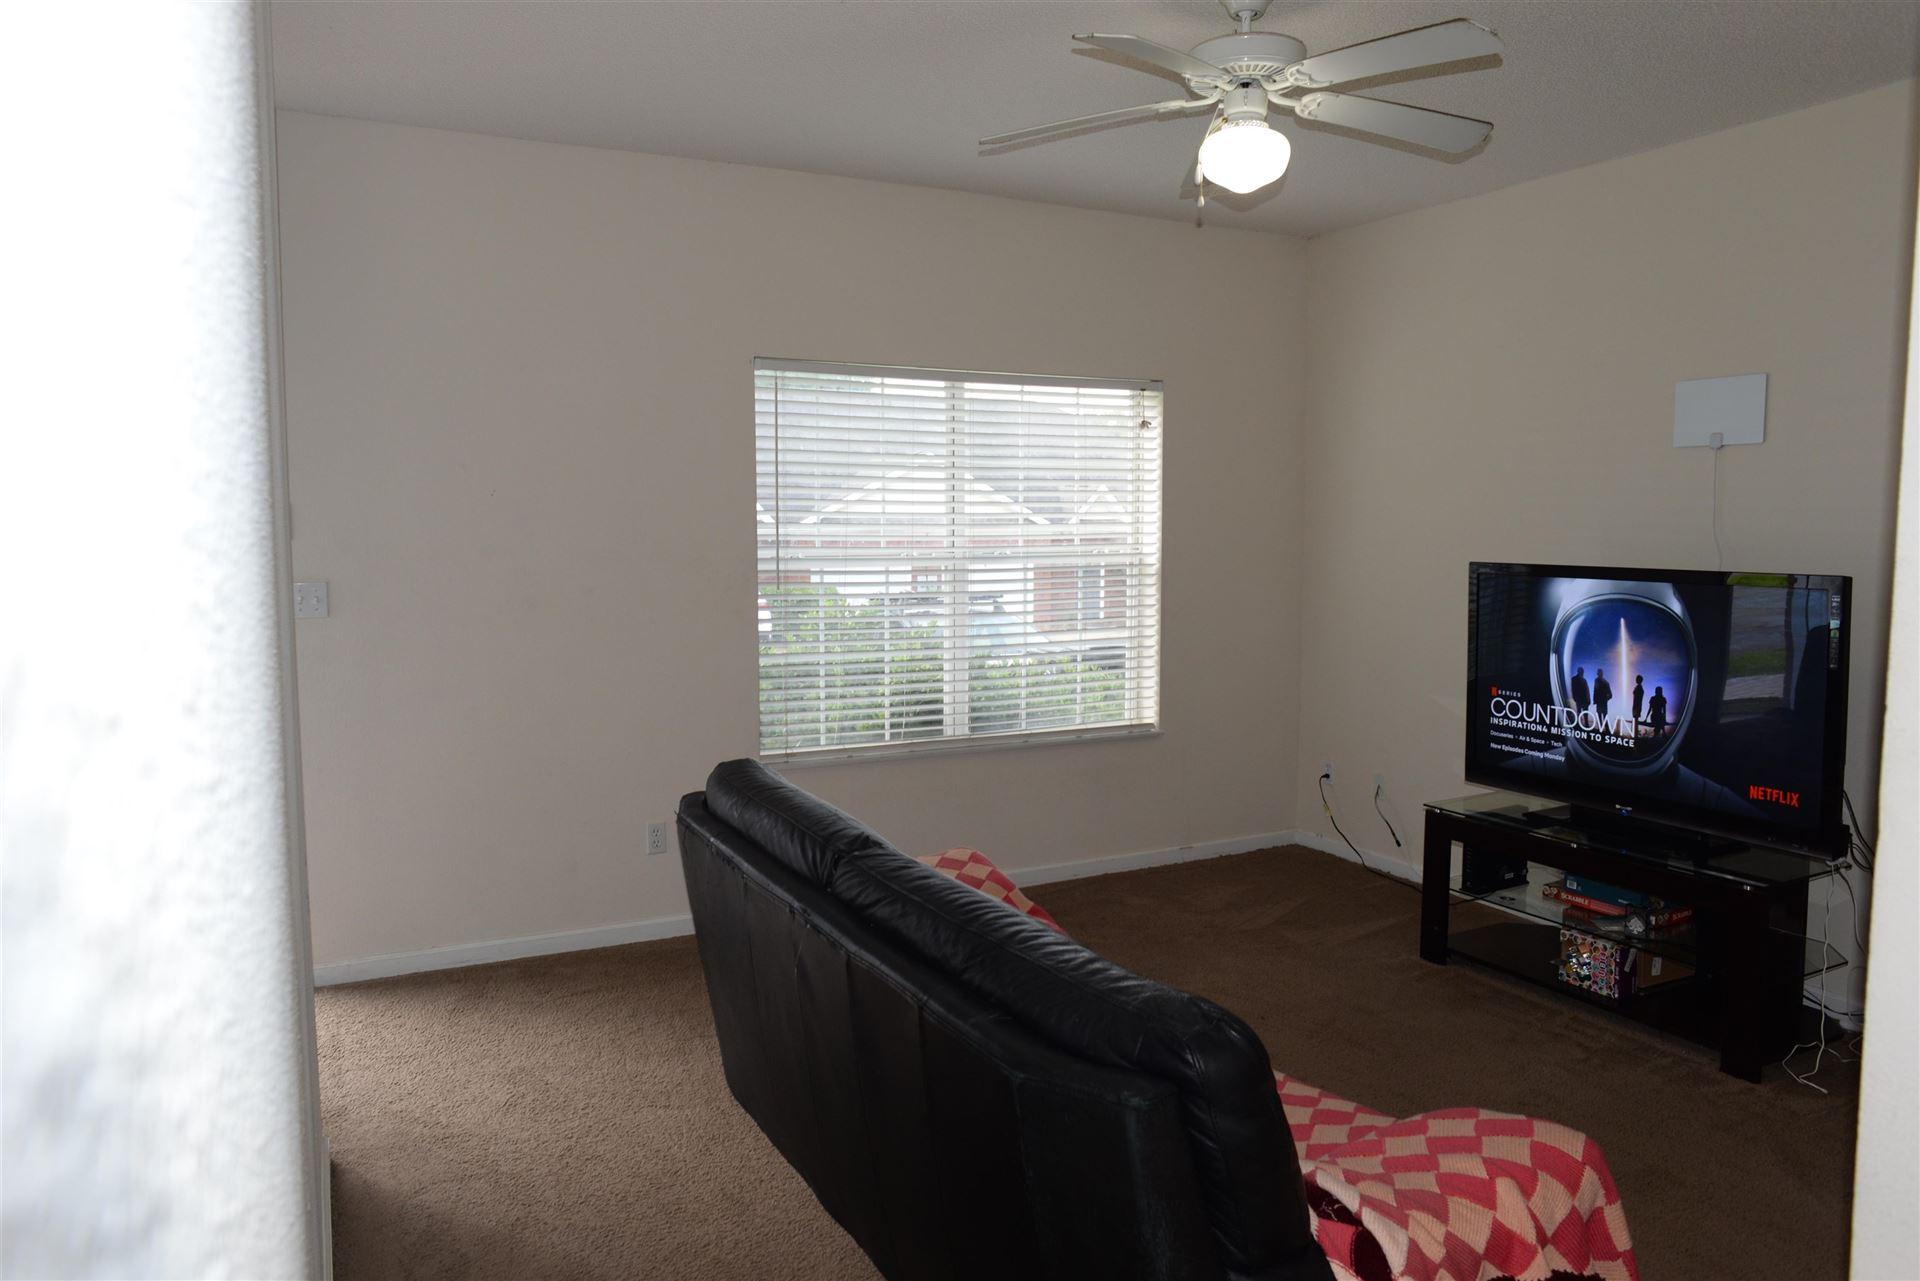 Photo of 1881 NENA HILLS Drive, TALLAHASSEE, FL 32304 (MLS # 337510)